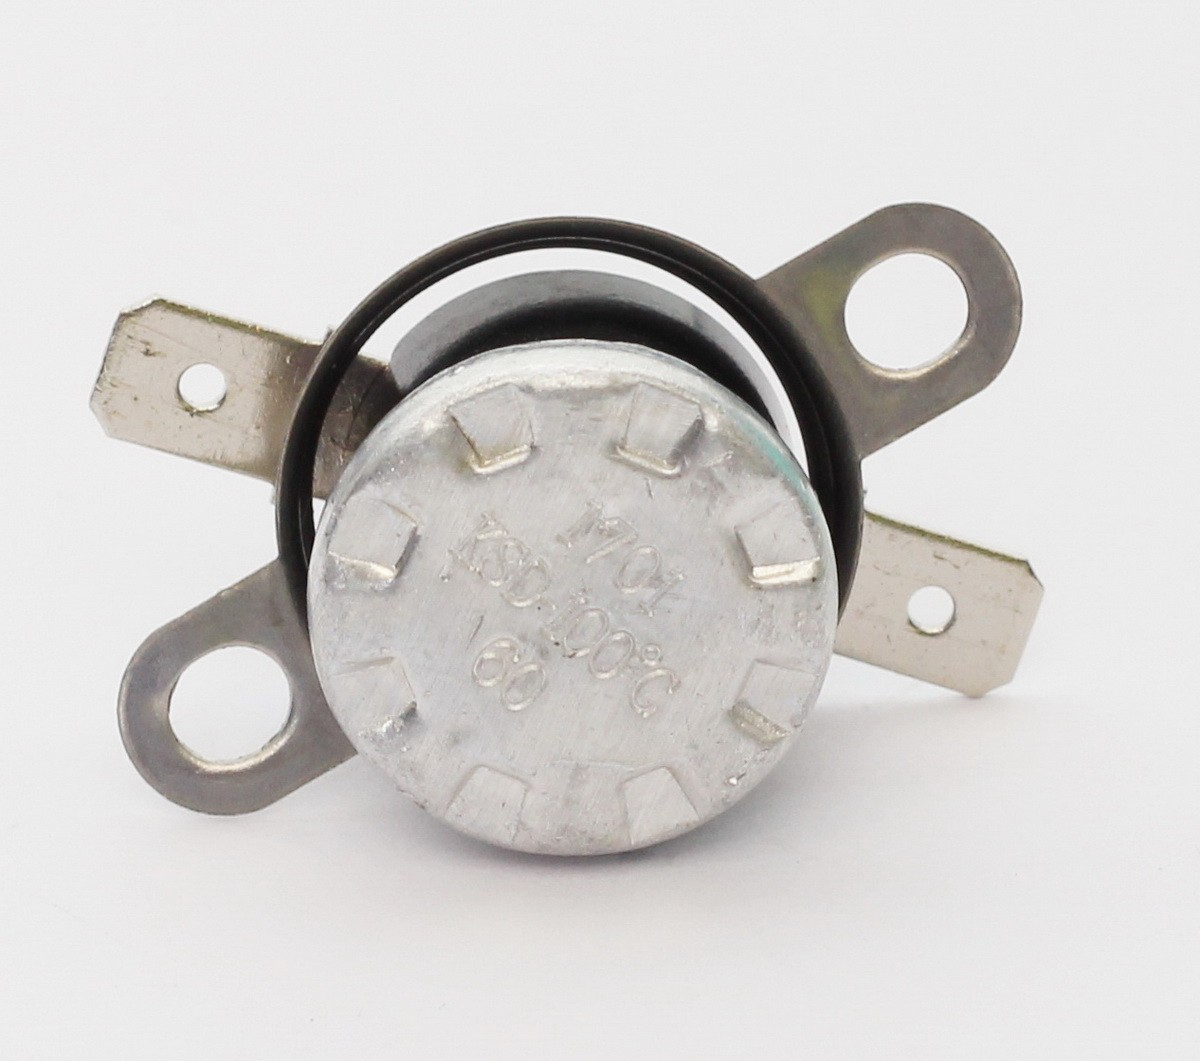 details about oem 1701 ksd 100 c 60 thermostat flame sensor sharp lg ge samsung microwave